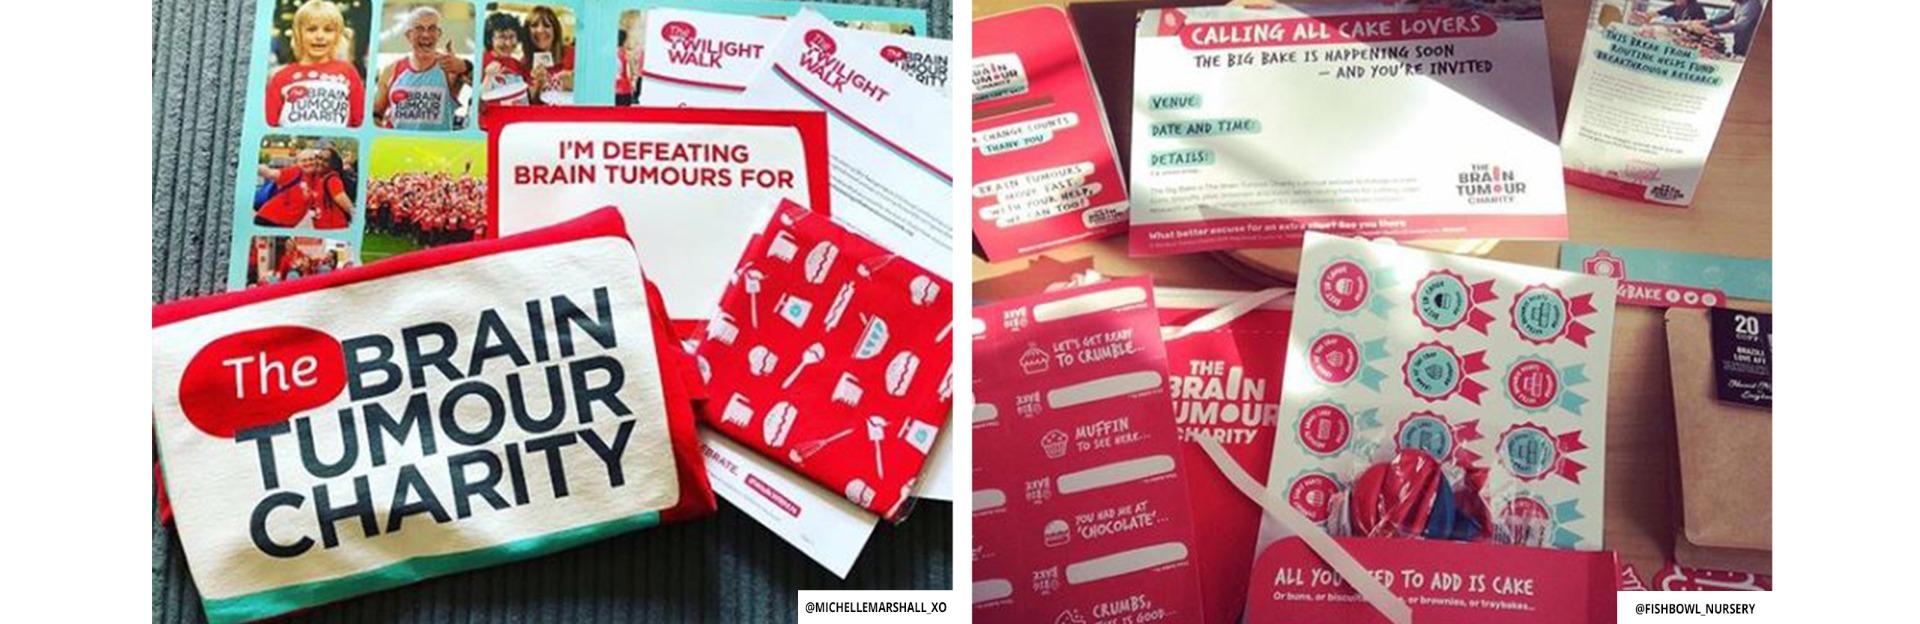 Brain Tumour Charity - Fundraising Packs